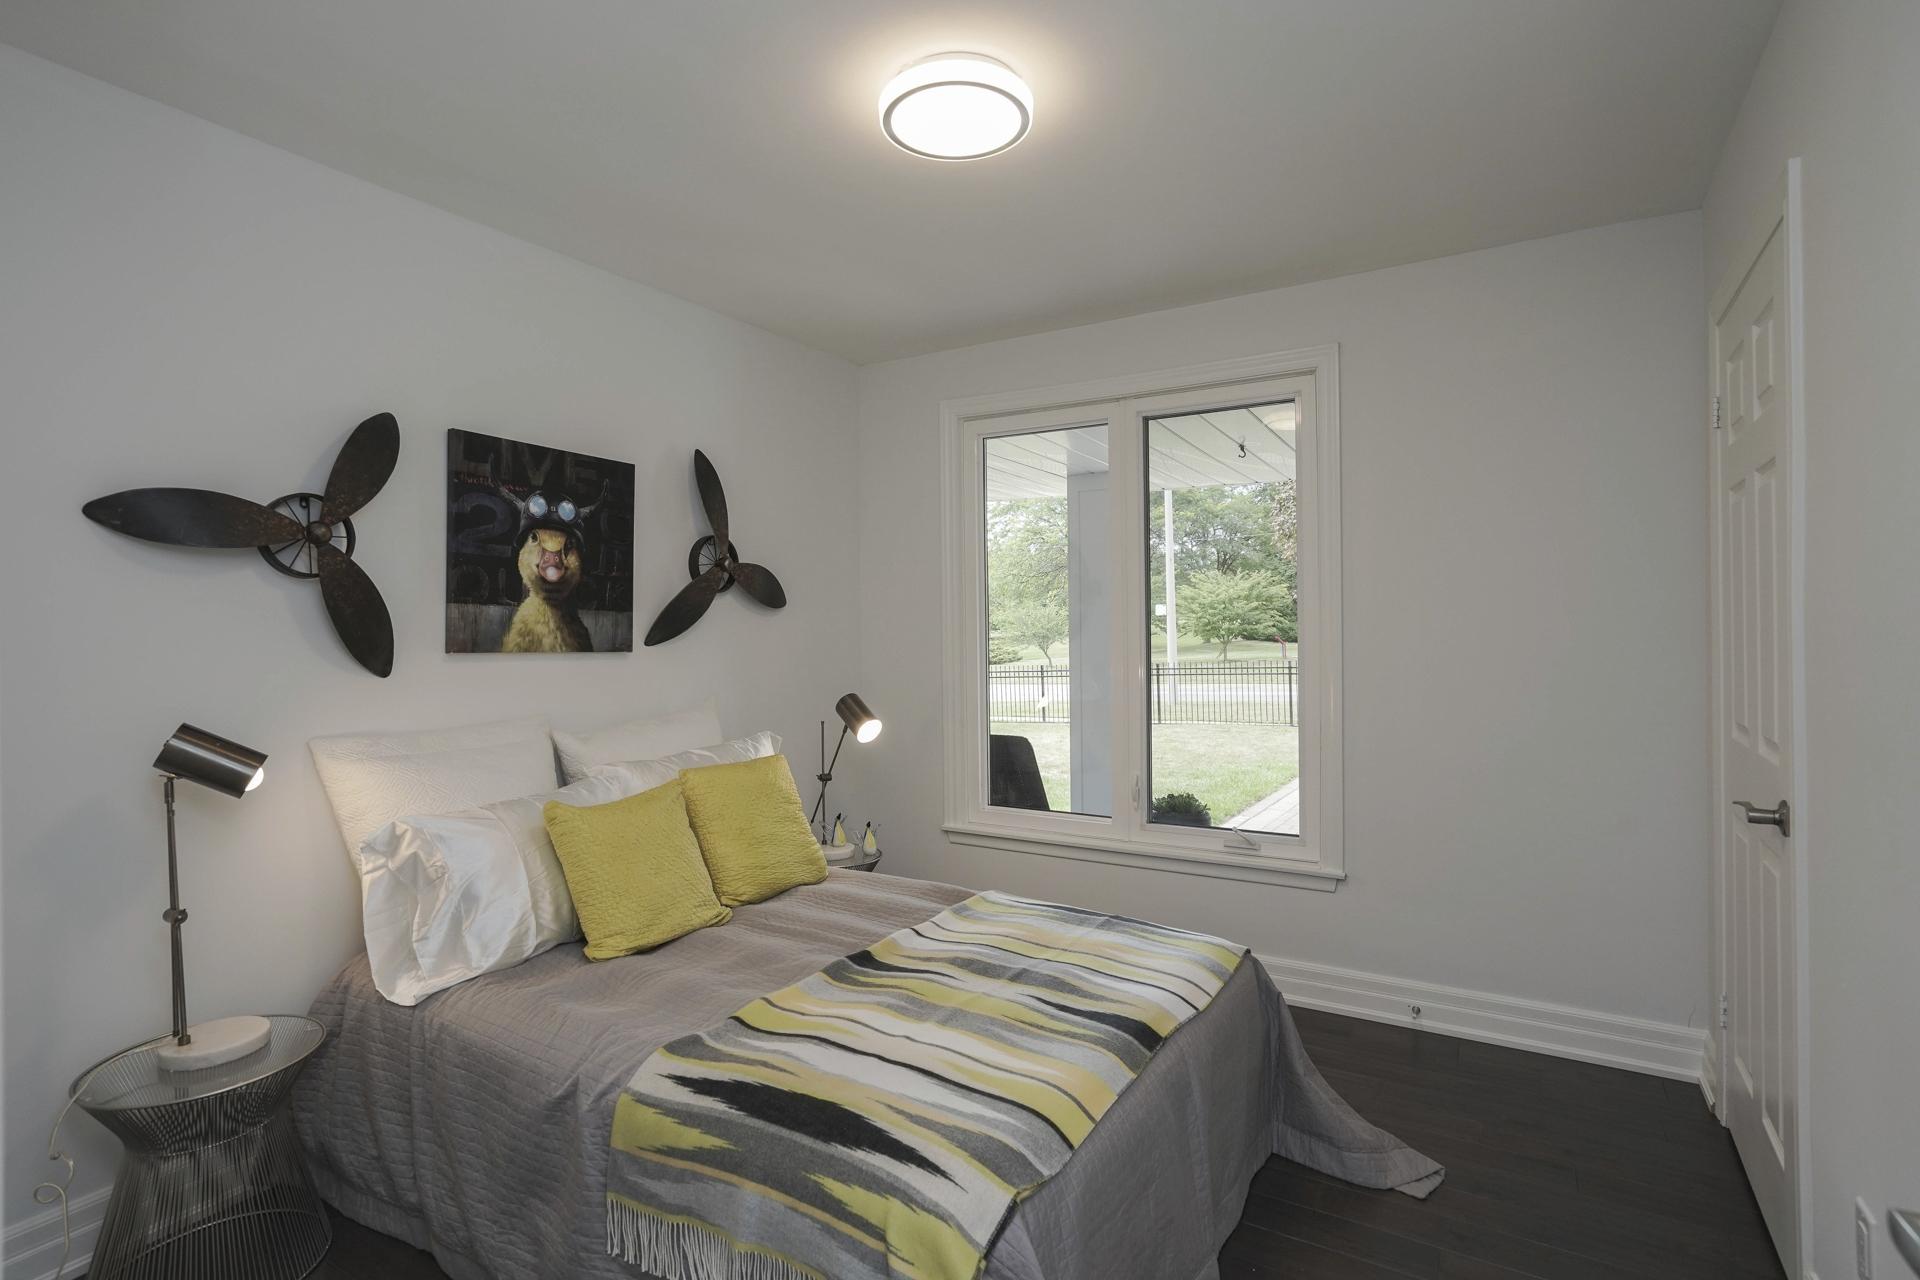 Guest Bedroom, 571 Rathburn, Etobicoke Home Staging